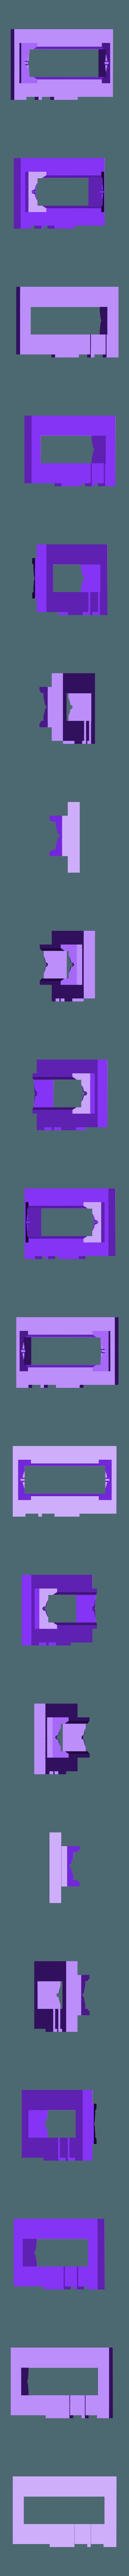 fakebatt.stl Télécharger fichier STL gratuit Adaptateur de batterie 18650 pour NDS Lite • Modèle pour imprimante 3D, LarryG